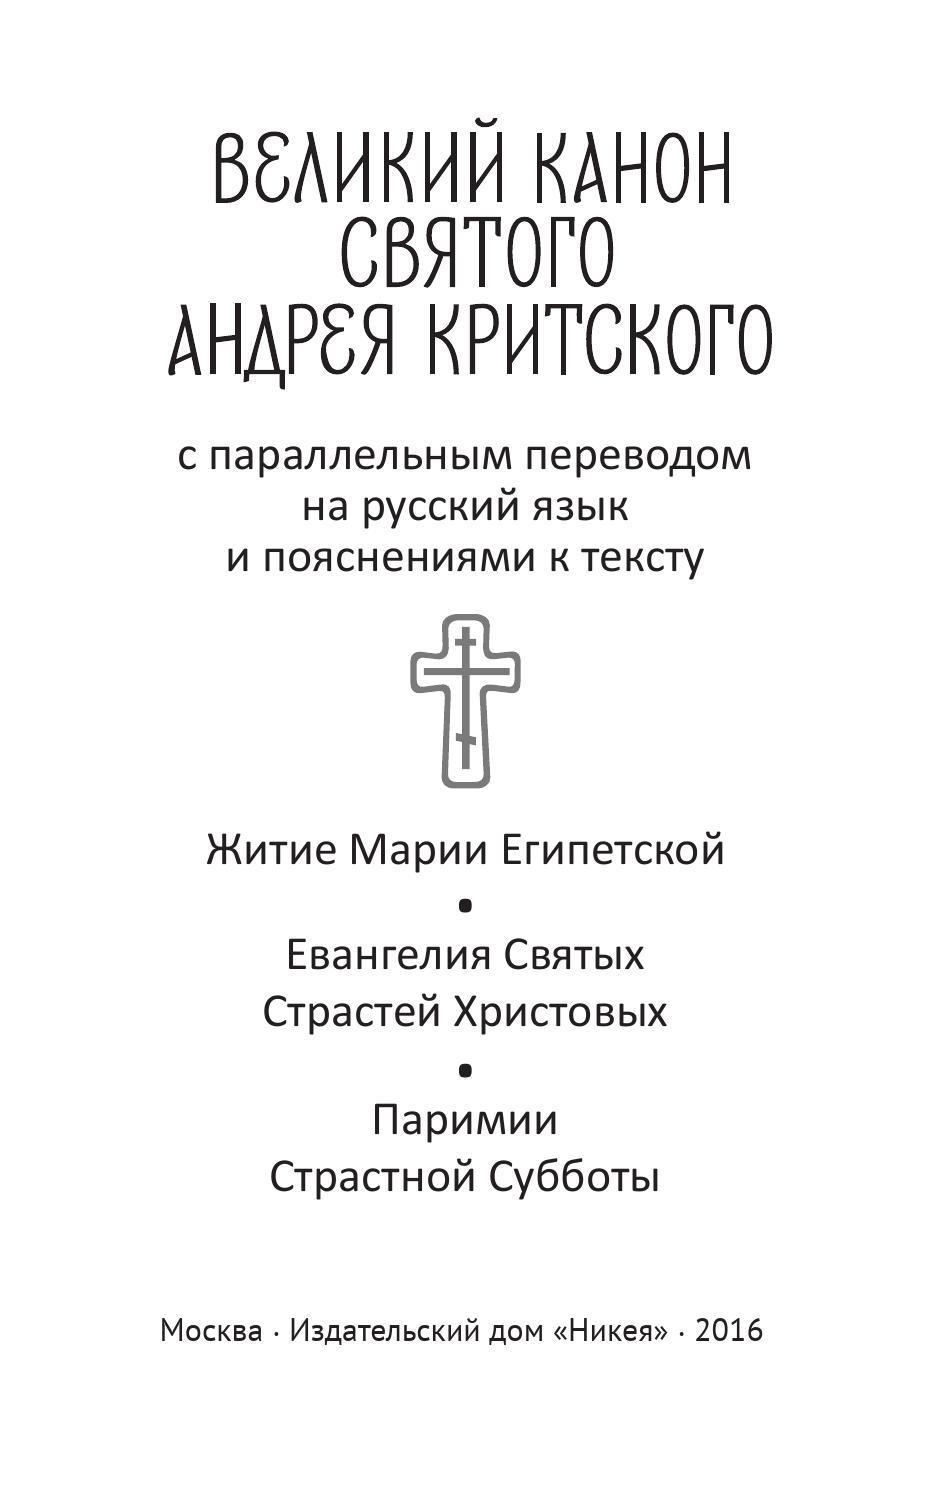 ВЕЛИКИЙ КАНОН АНДРЕЯ КРИТСКОГО НА РУССКОМ ЯЗЫКЕ С ПОЯСНЕНИЯМИ СКАЧАТЬ БЕСПЛАТНО